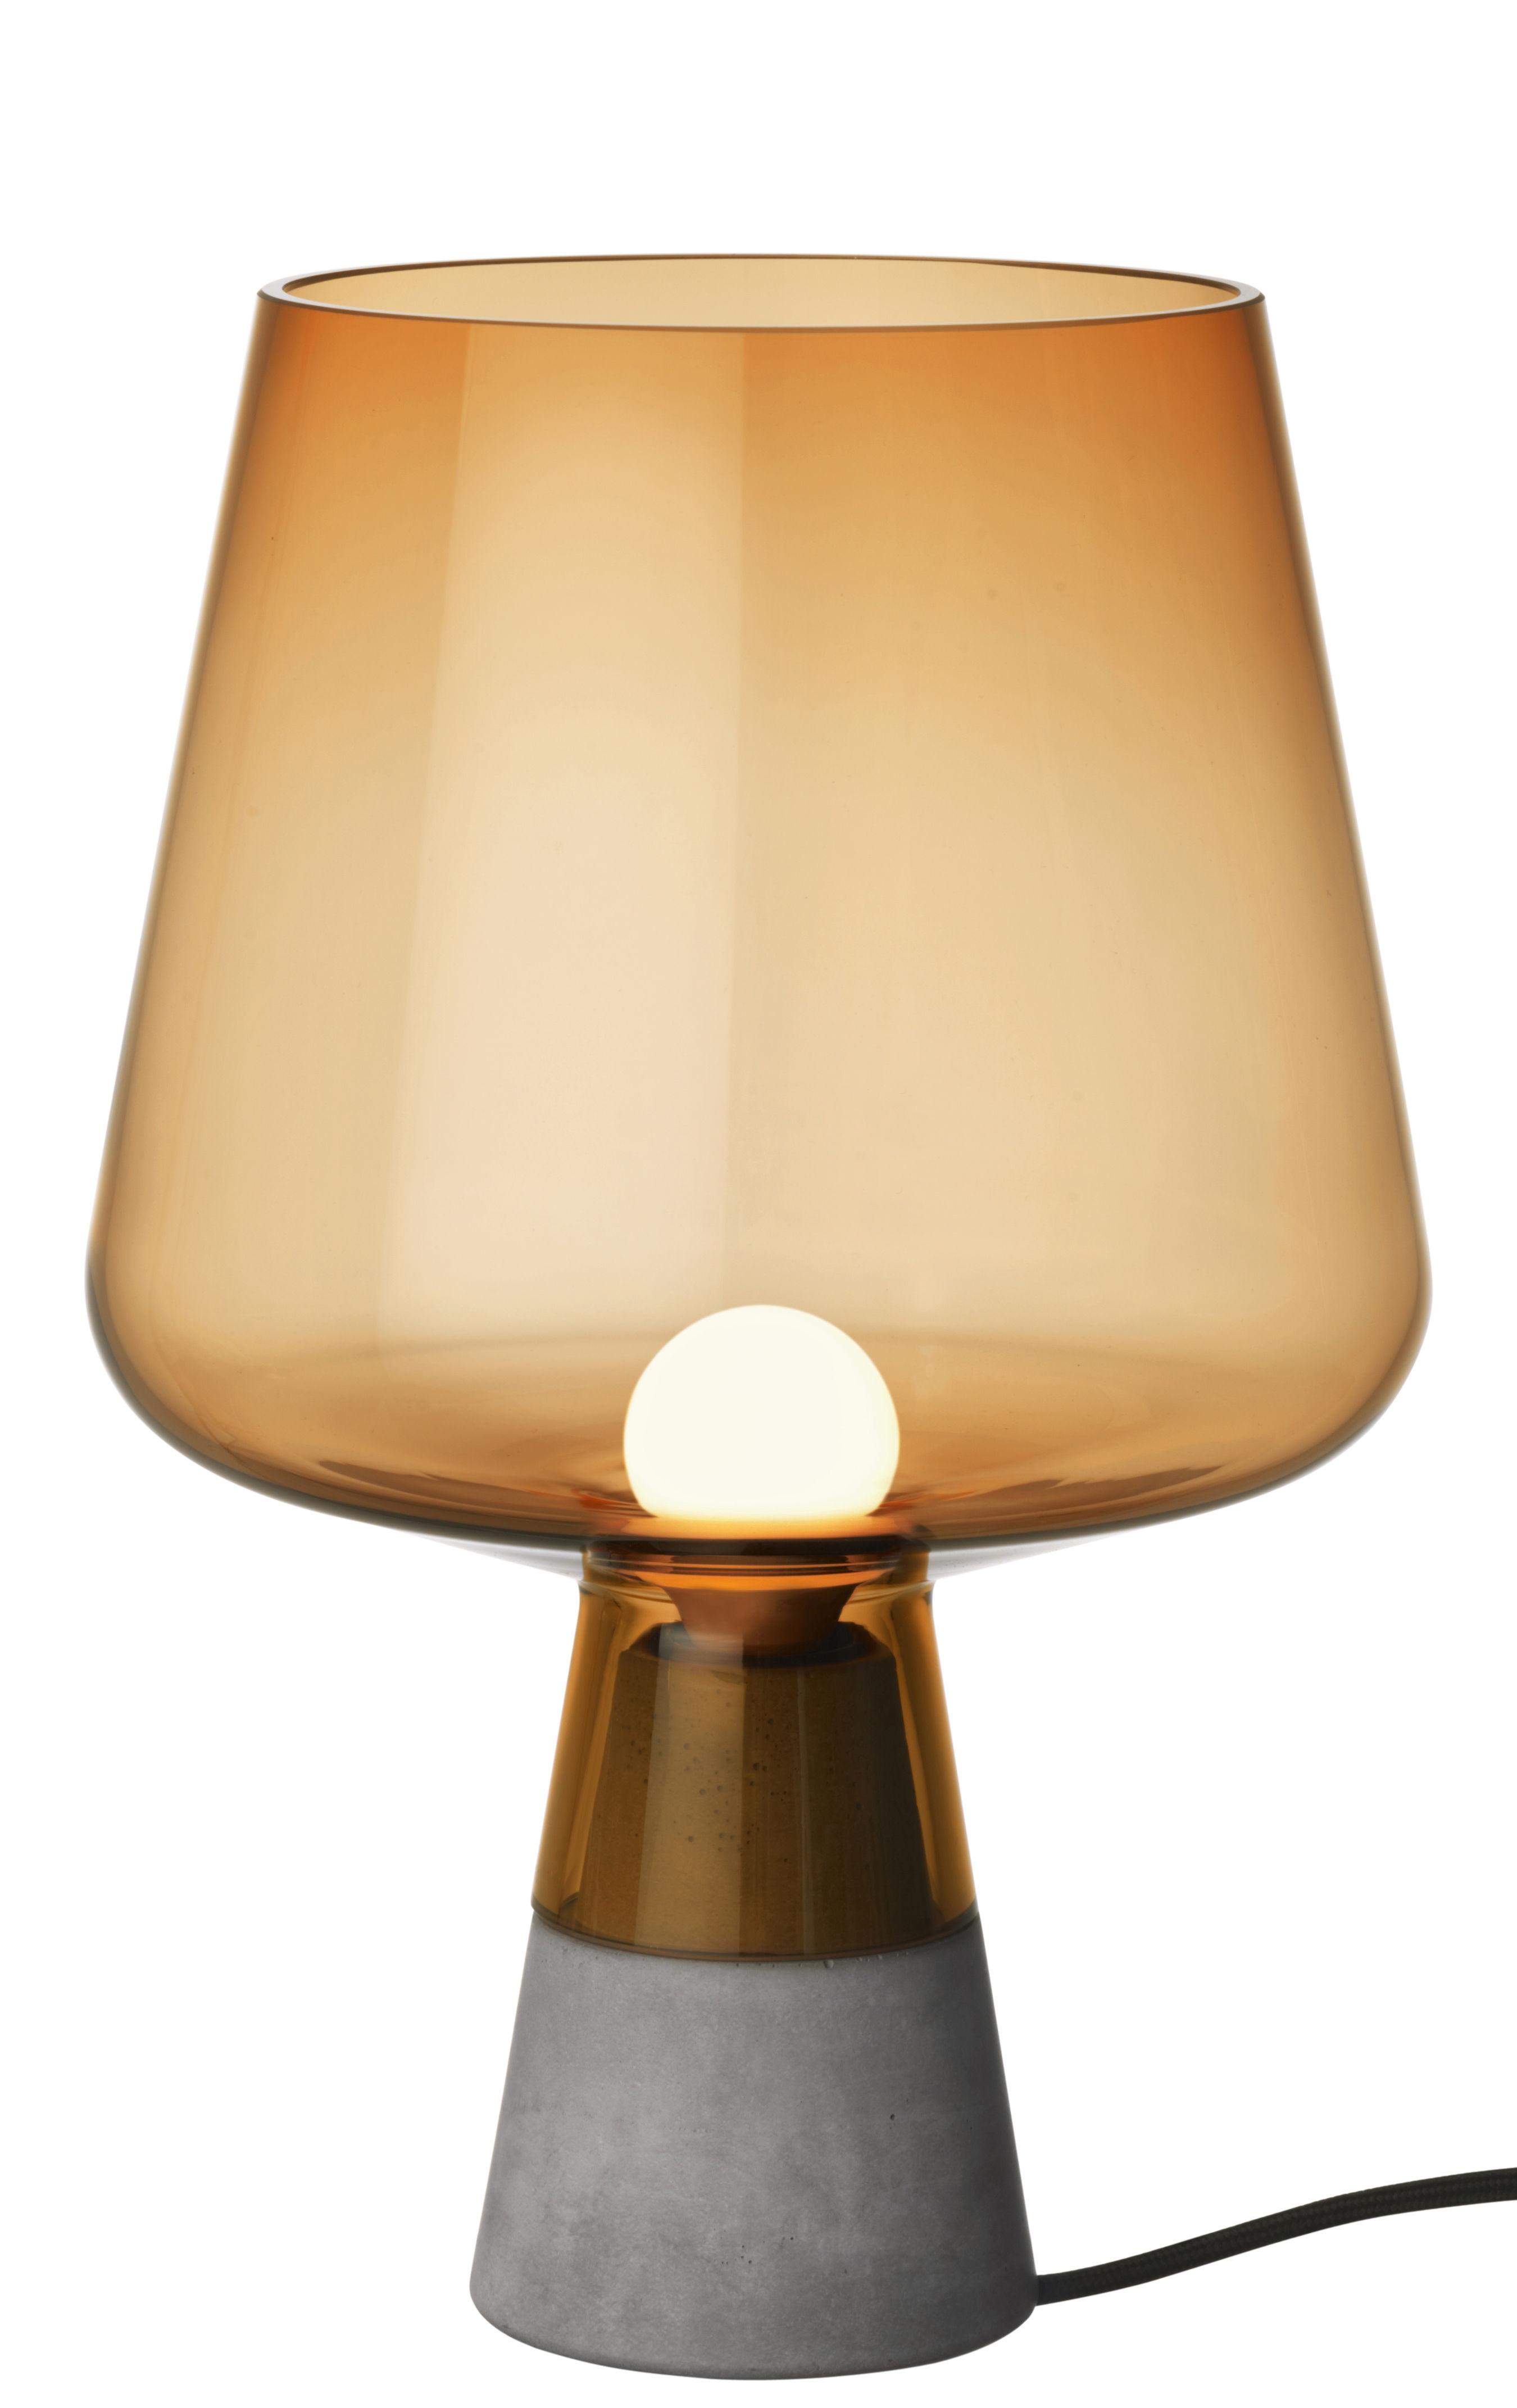 Leuchten - Tischleuchten - Leimu Tischleuchte / Ø 20 cm x H 30 cm - Iittala - Orange - Beton, geblasenes Glas